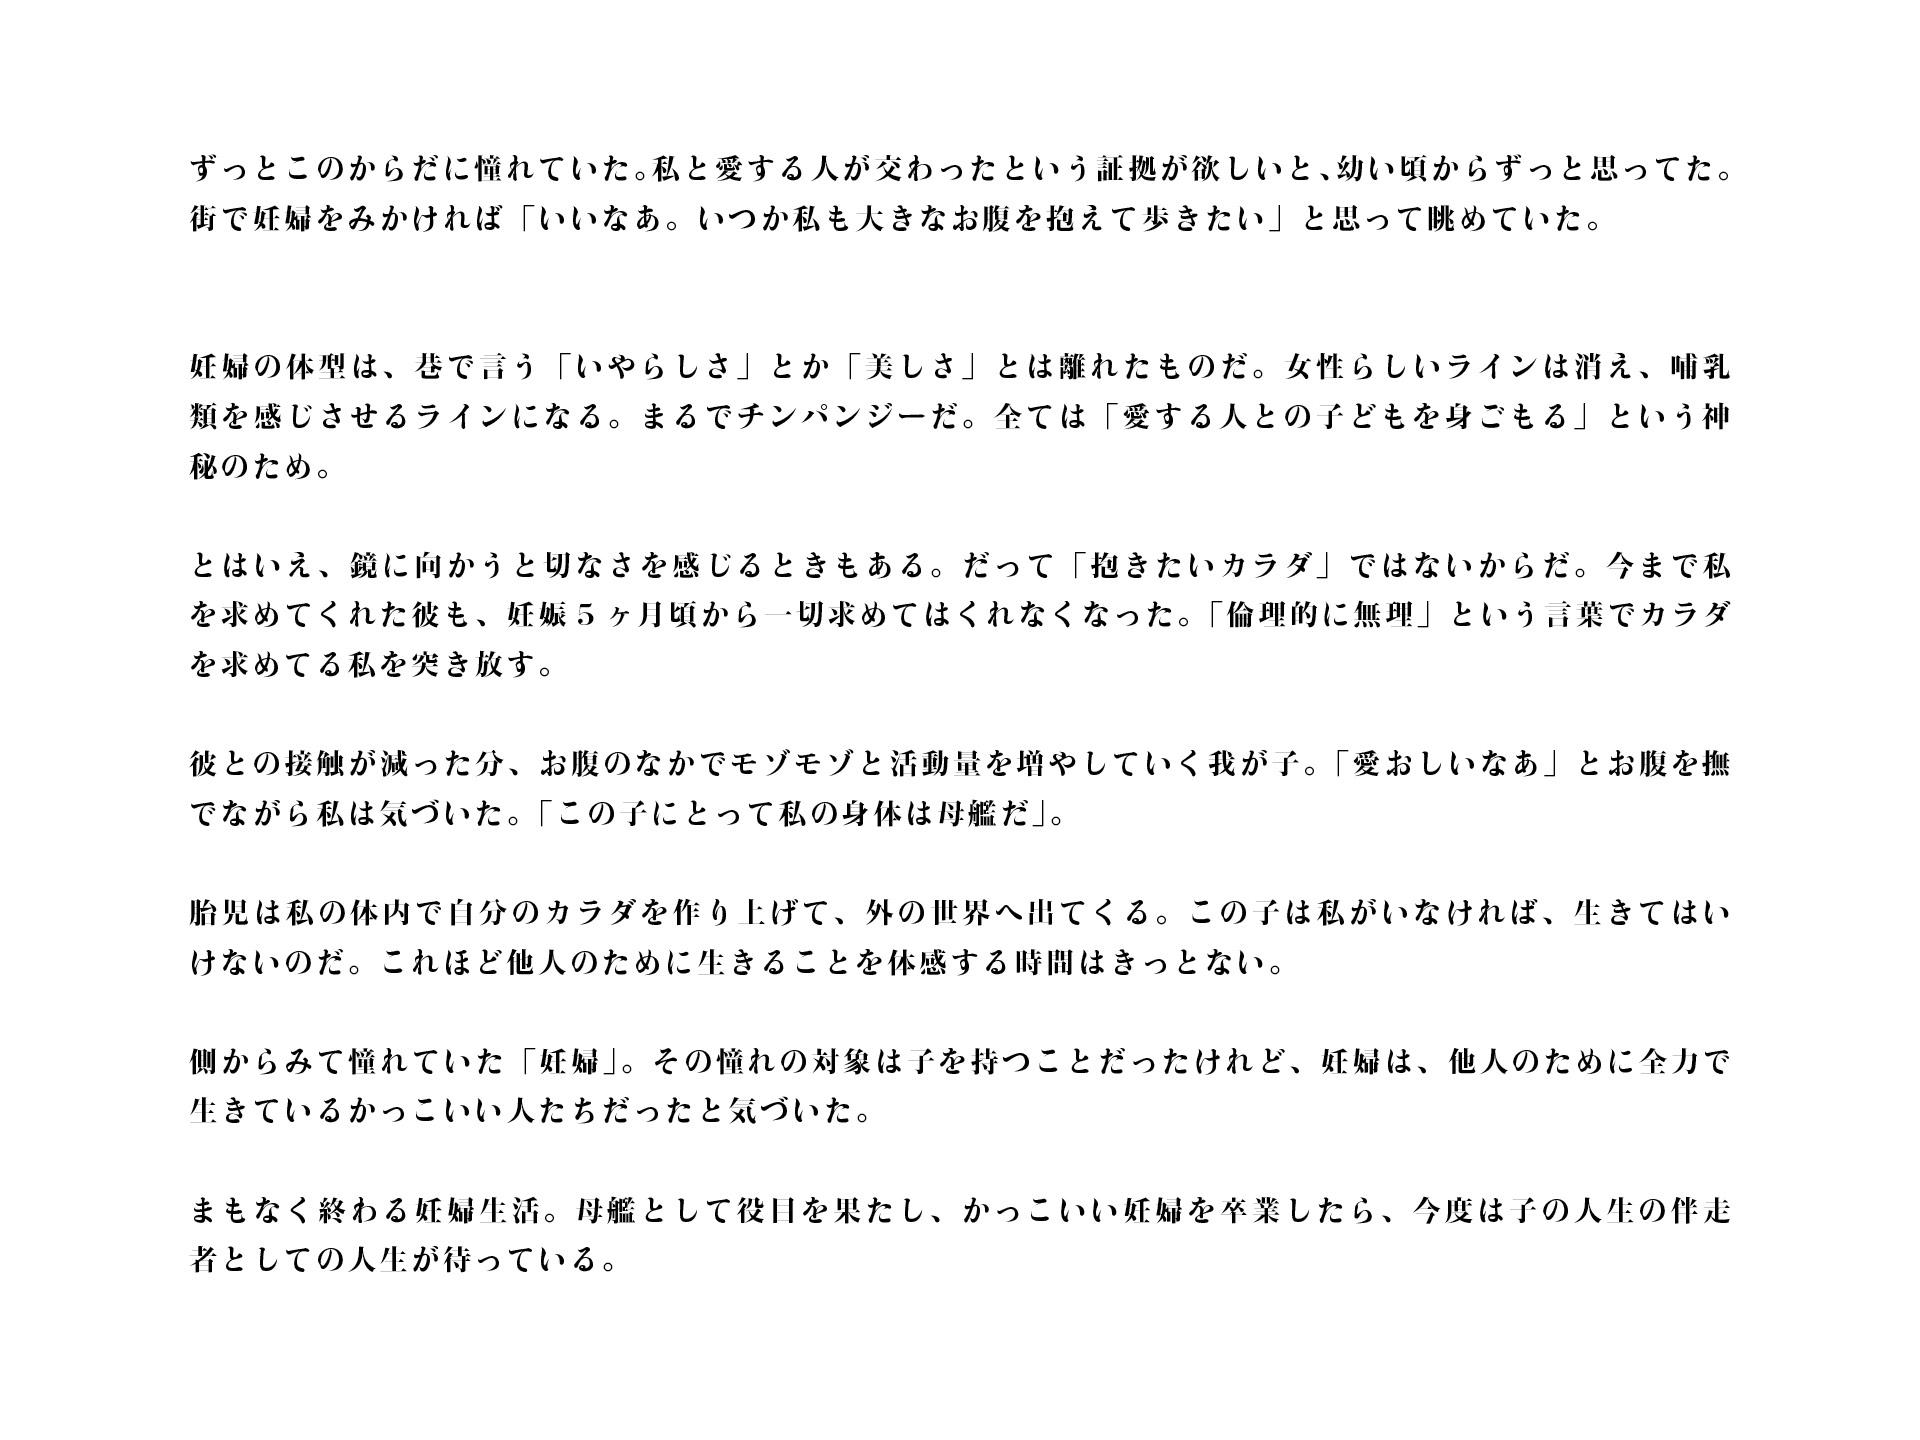 柴崎まどか  Madoka Shibazaki